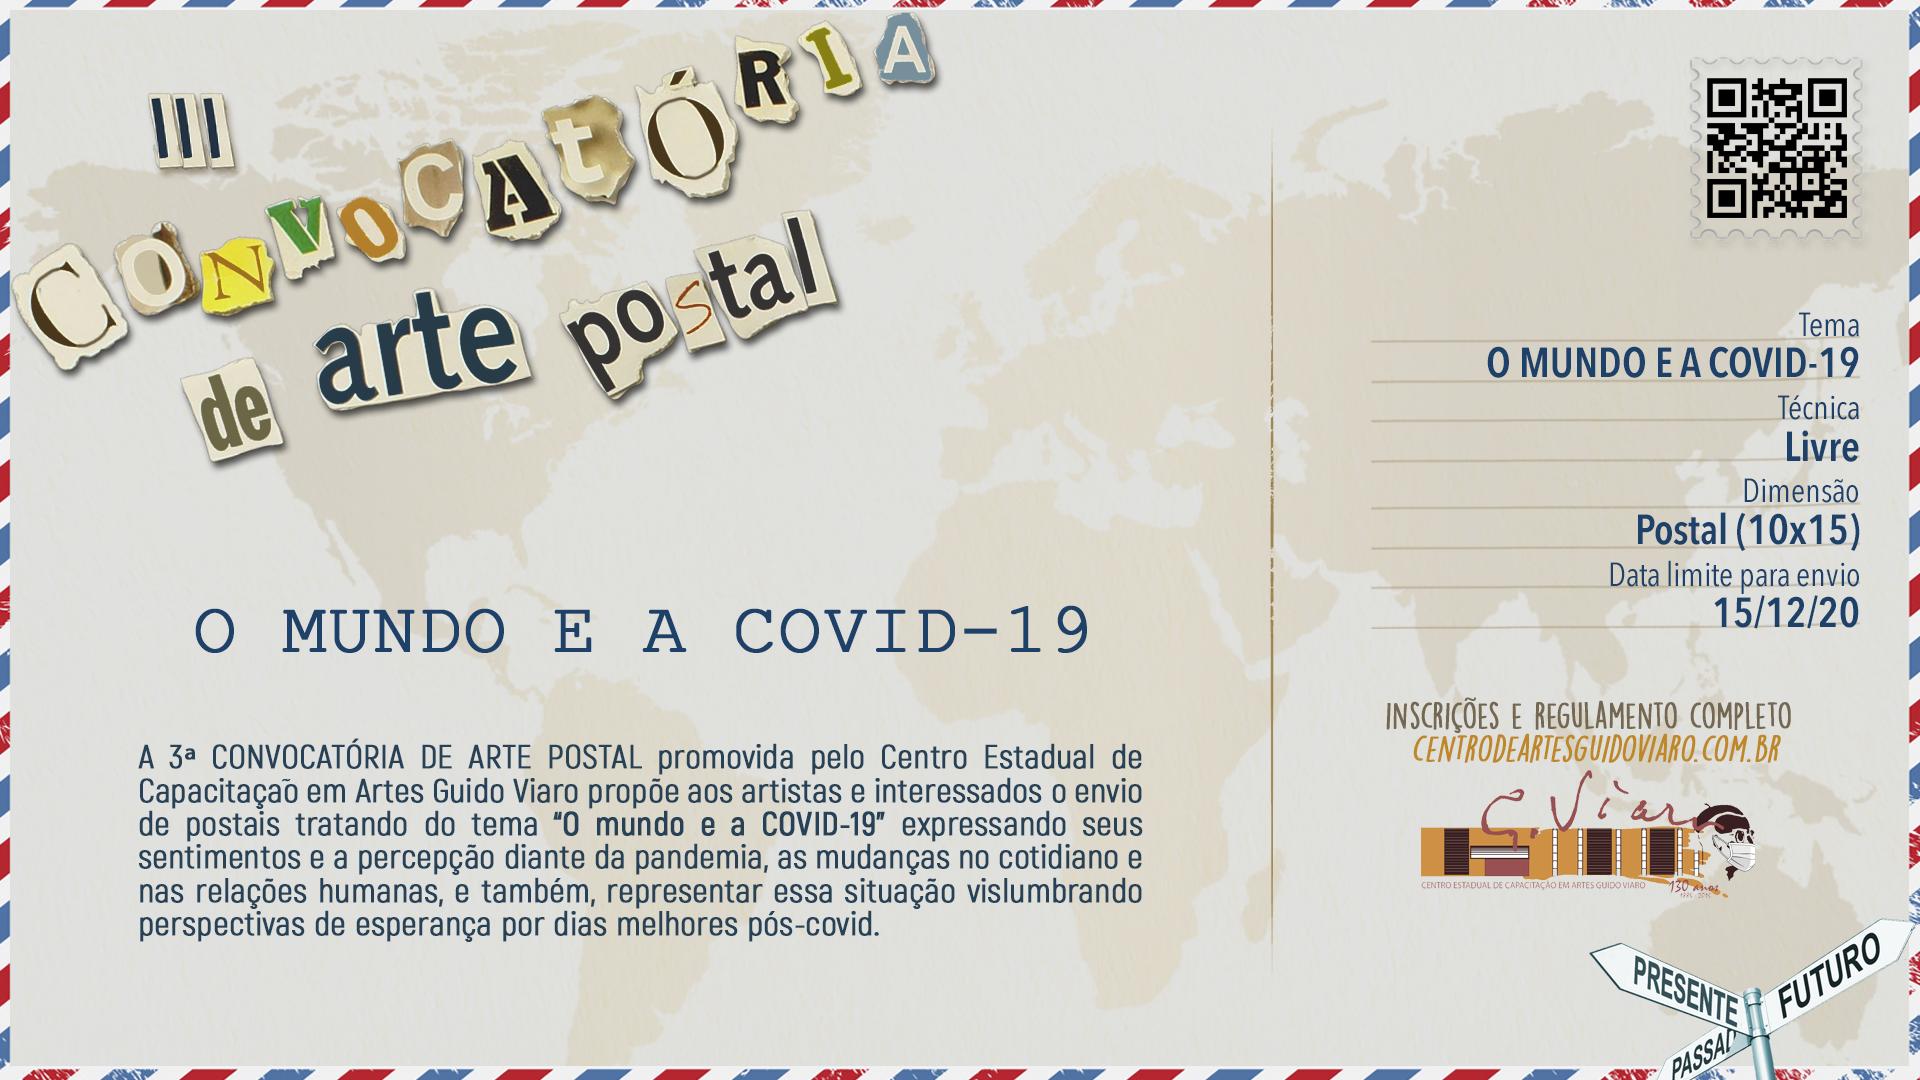 III Convocatória Arte Postal